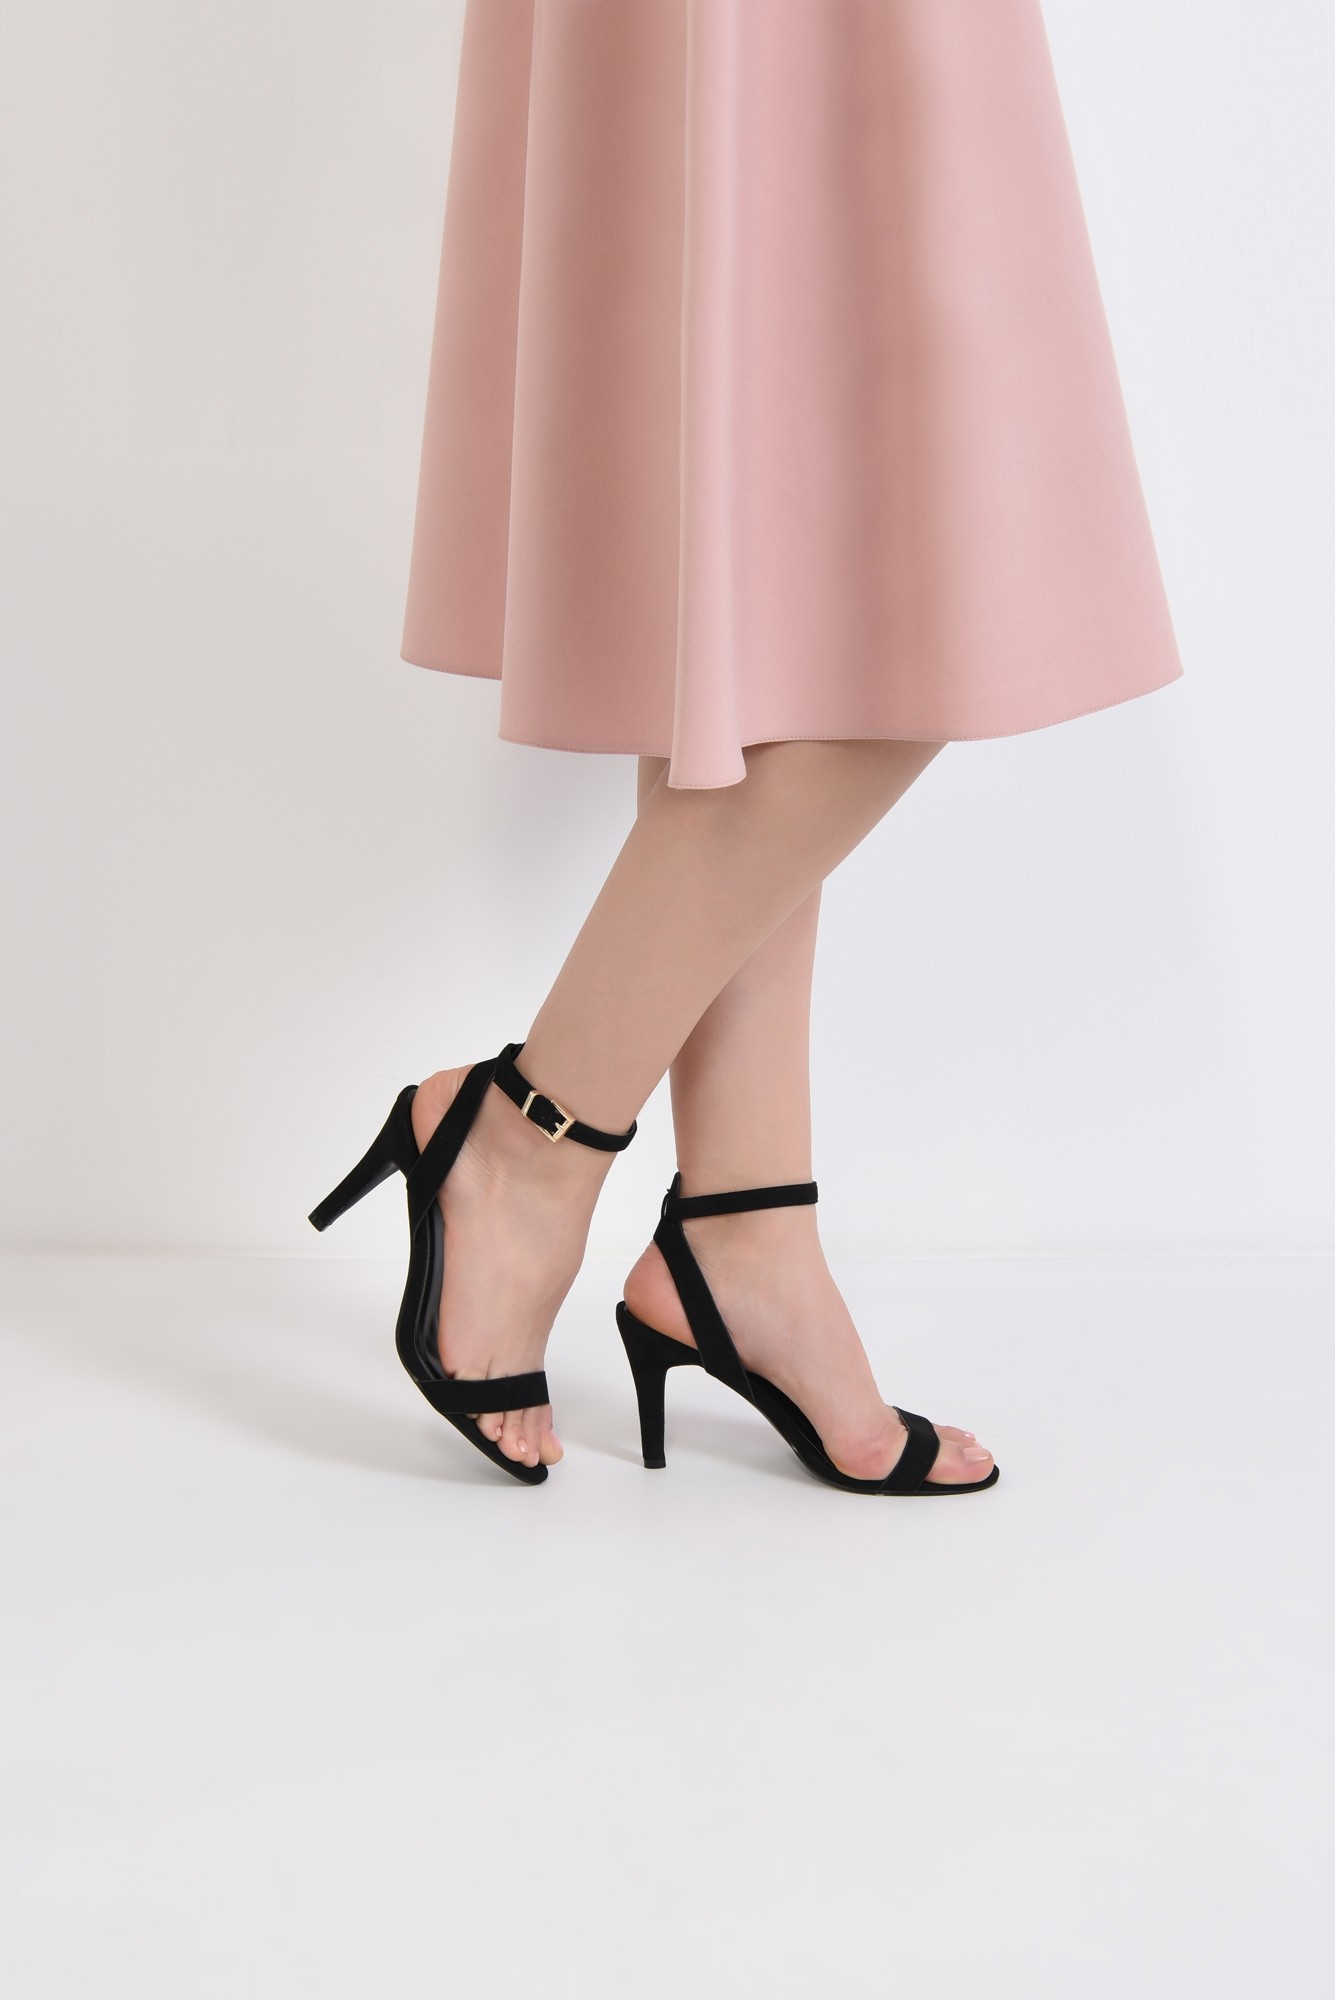 4 - sandale casual, toc subtire, bareta la glezna, negru